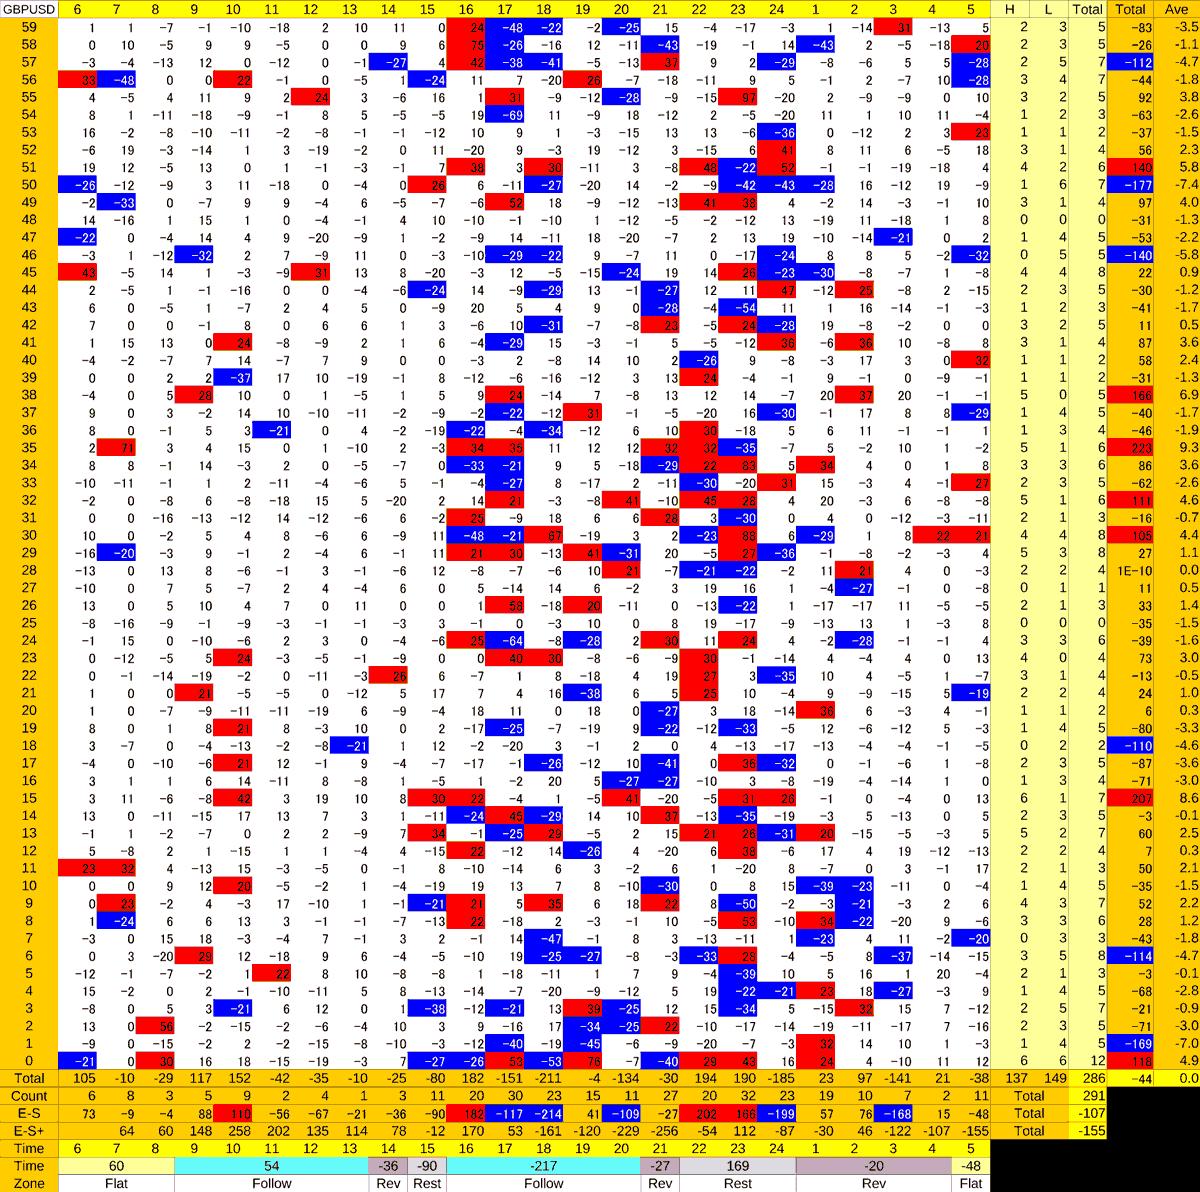 20210203_HS(2)GBPUSD